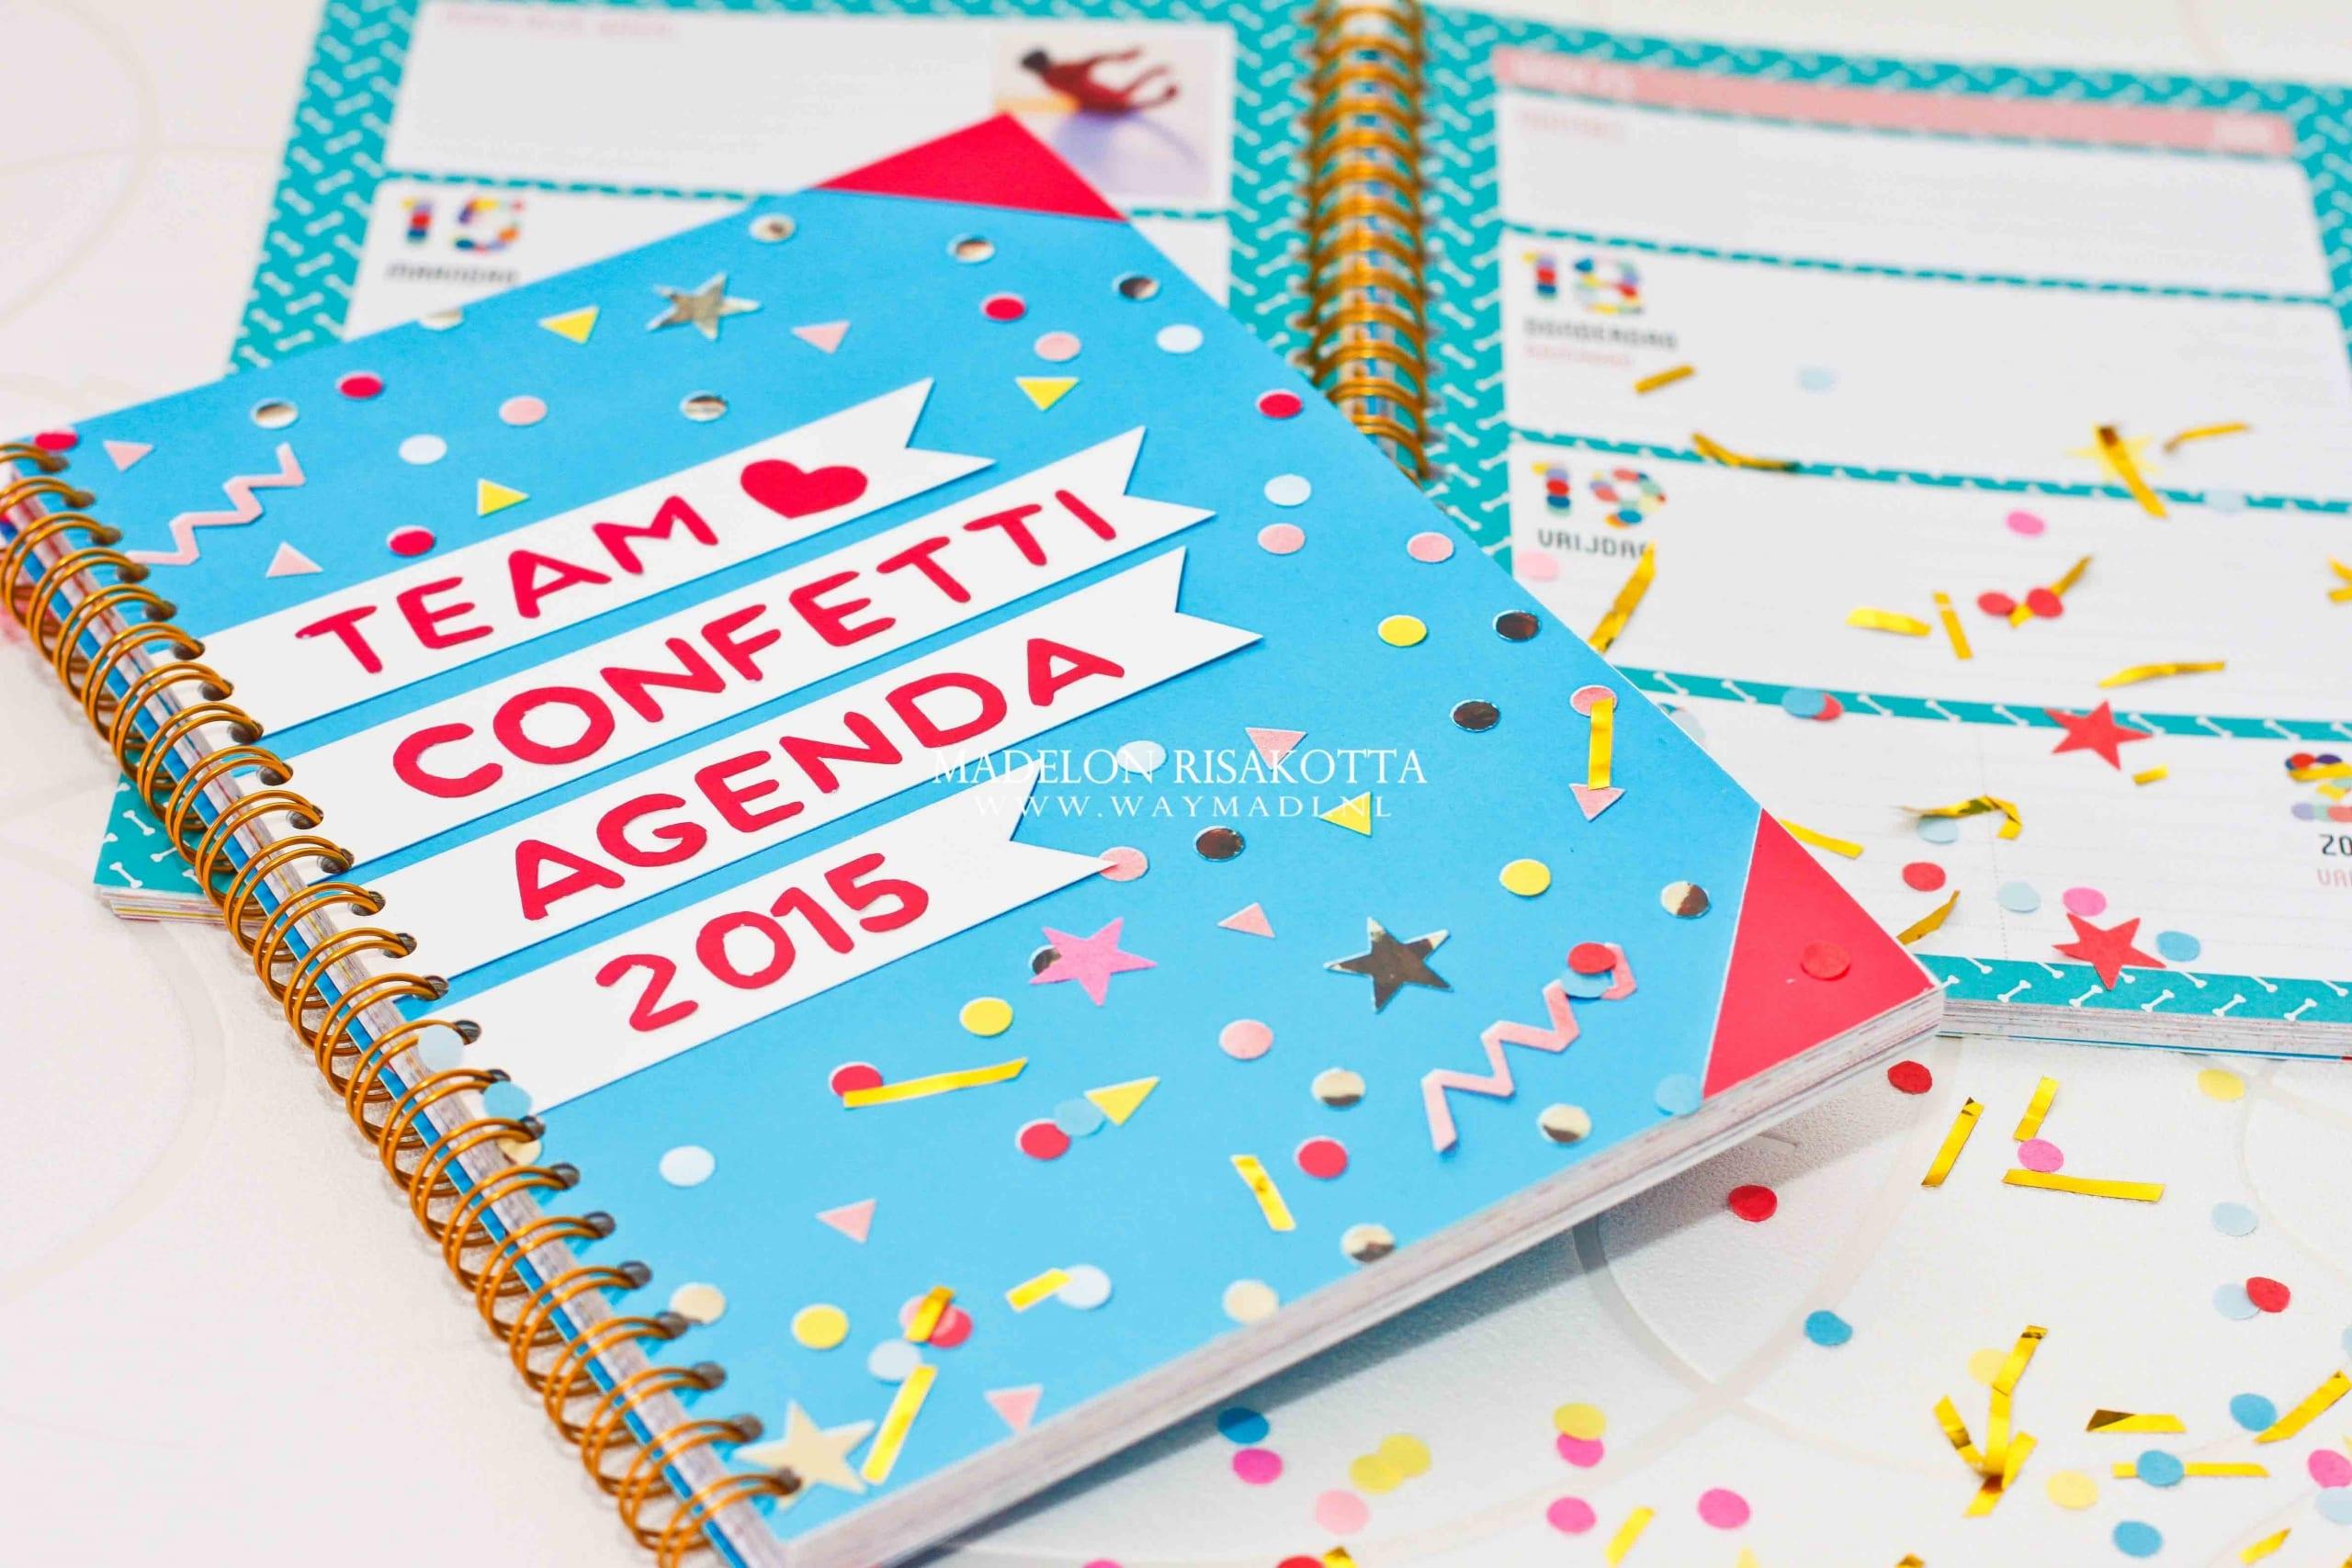 Musthave: Team Confetti Agenda 2015!